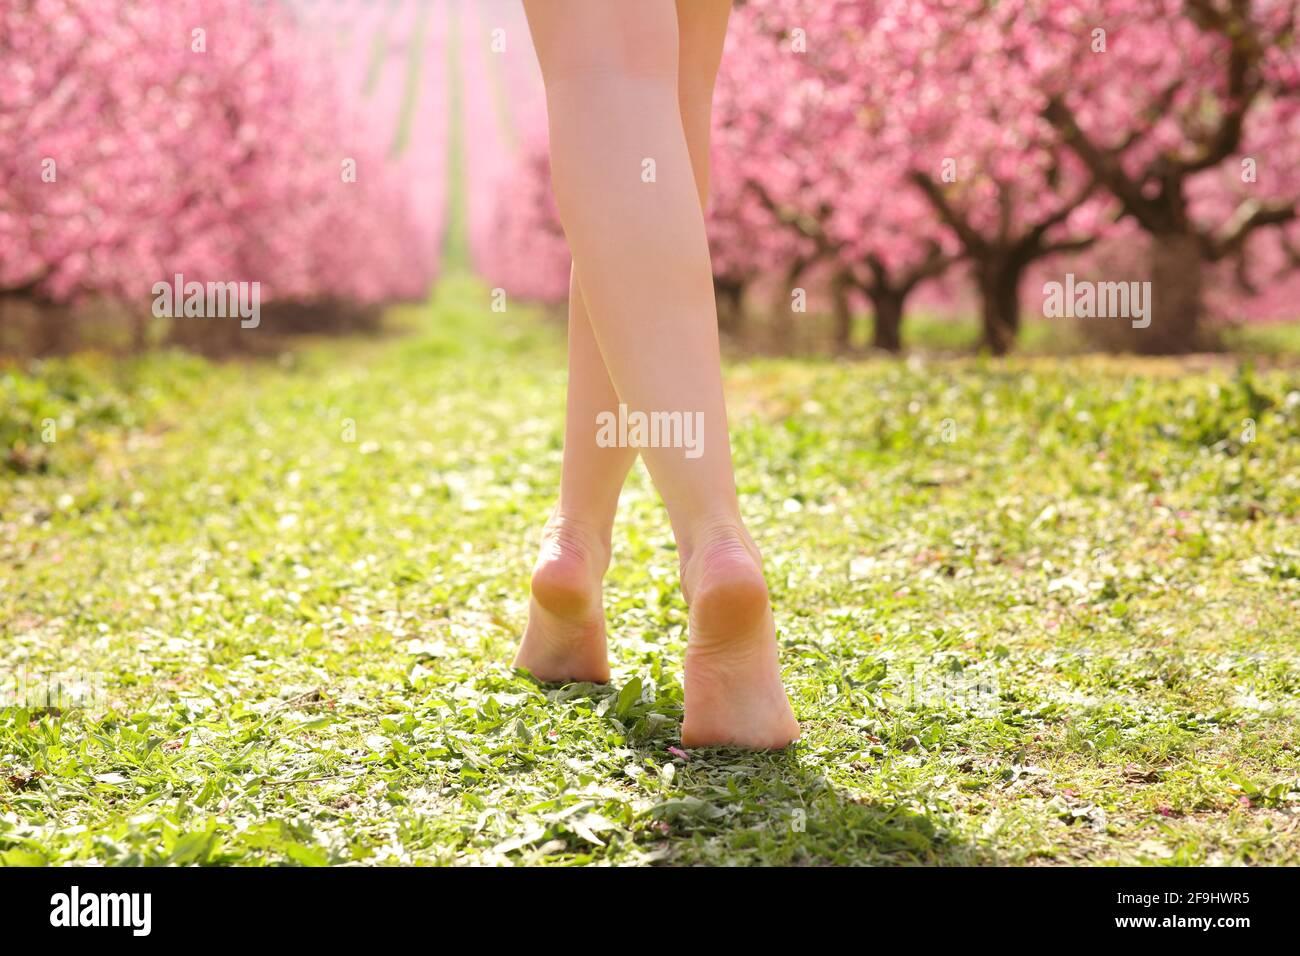 Indietro Vista ritratto di una bella donna cerato gambe camminare in un campo fiorito rosa nella stagione primaverile Foto Stock